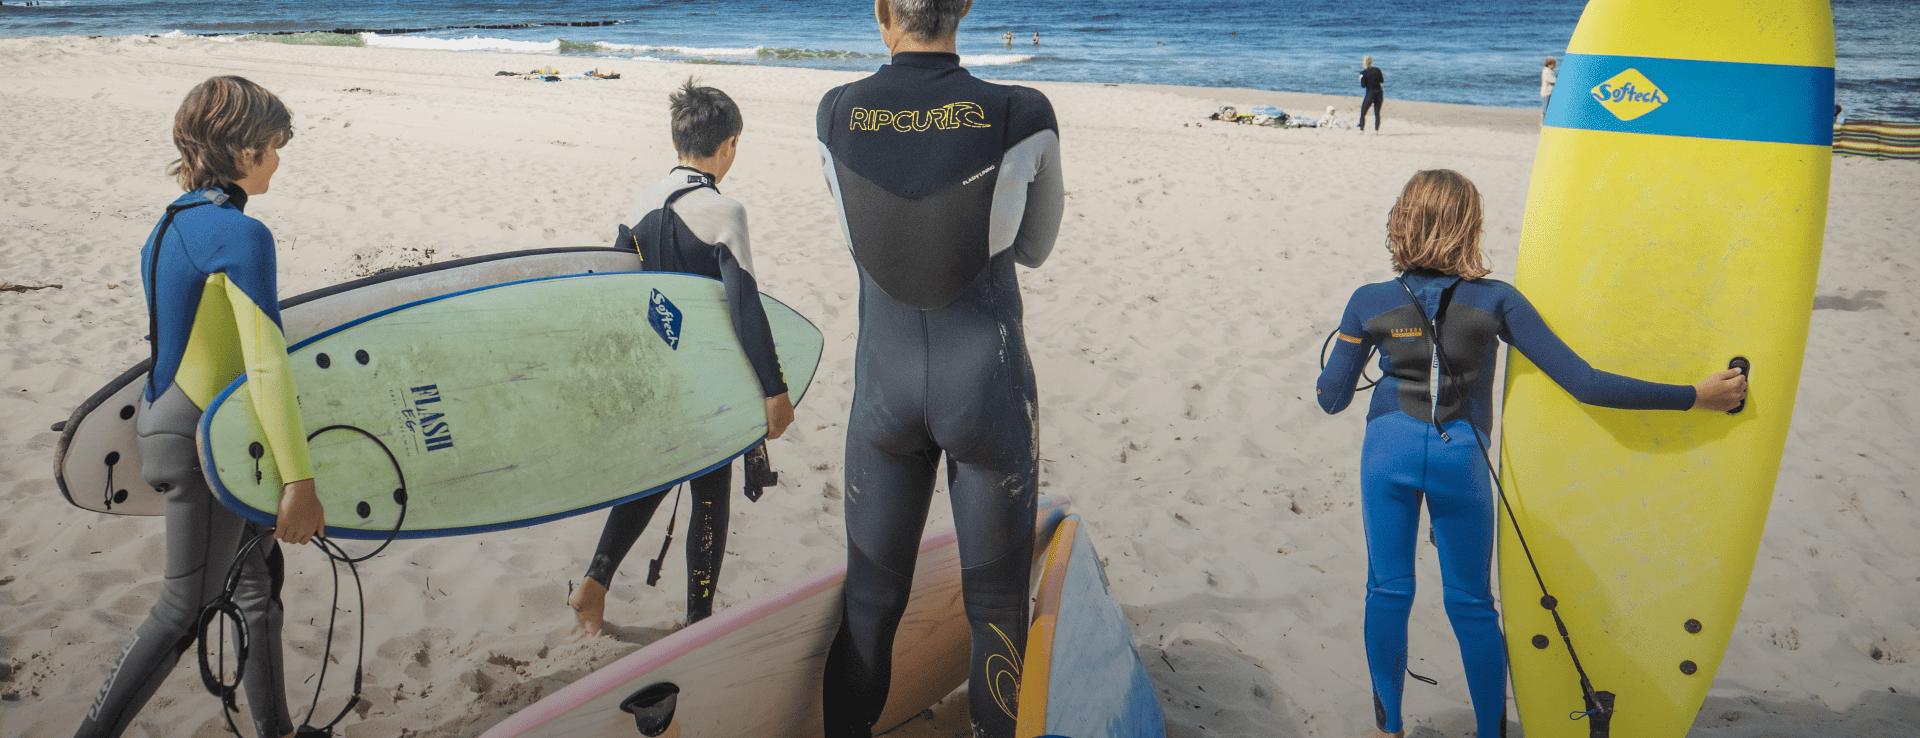 trener z uczniami surfingu - surfing dla dzieci